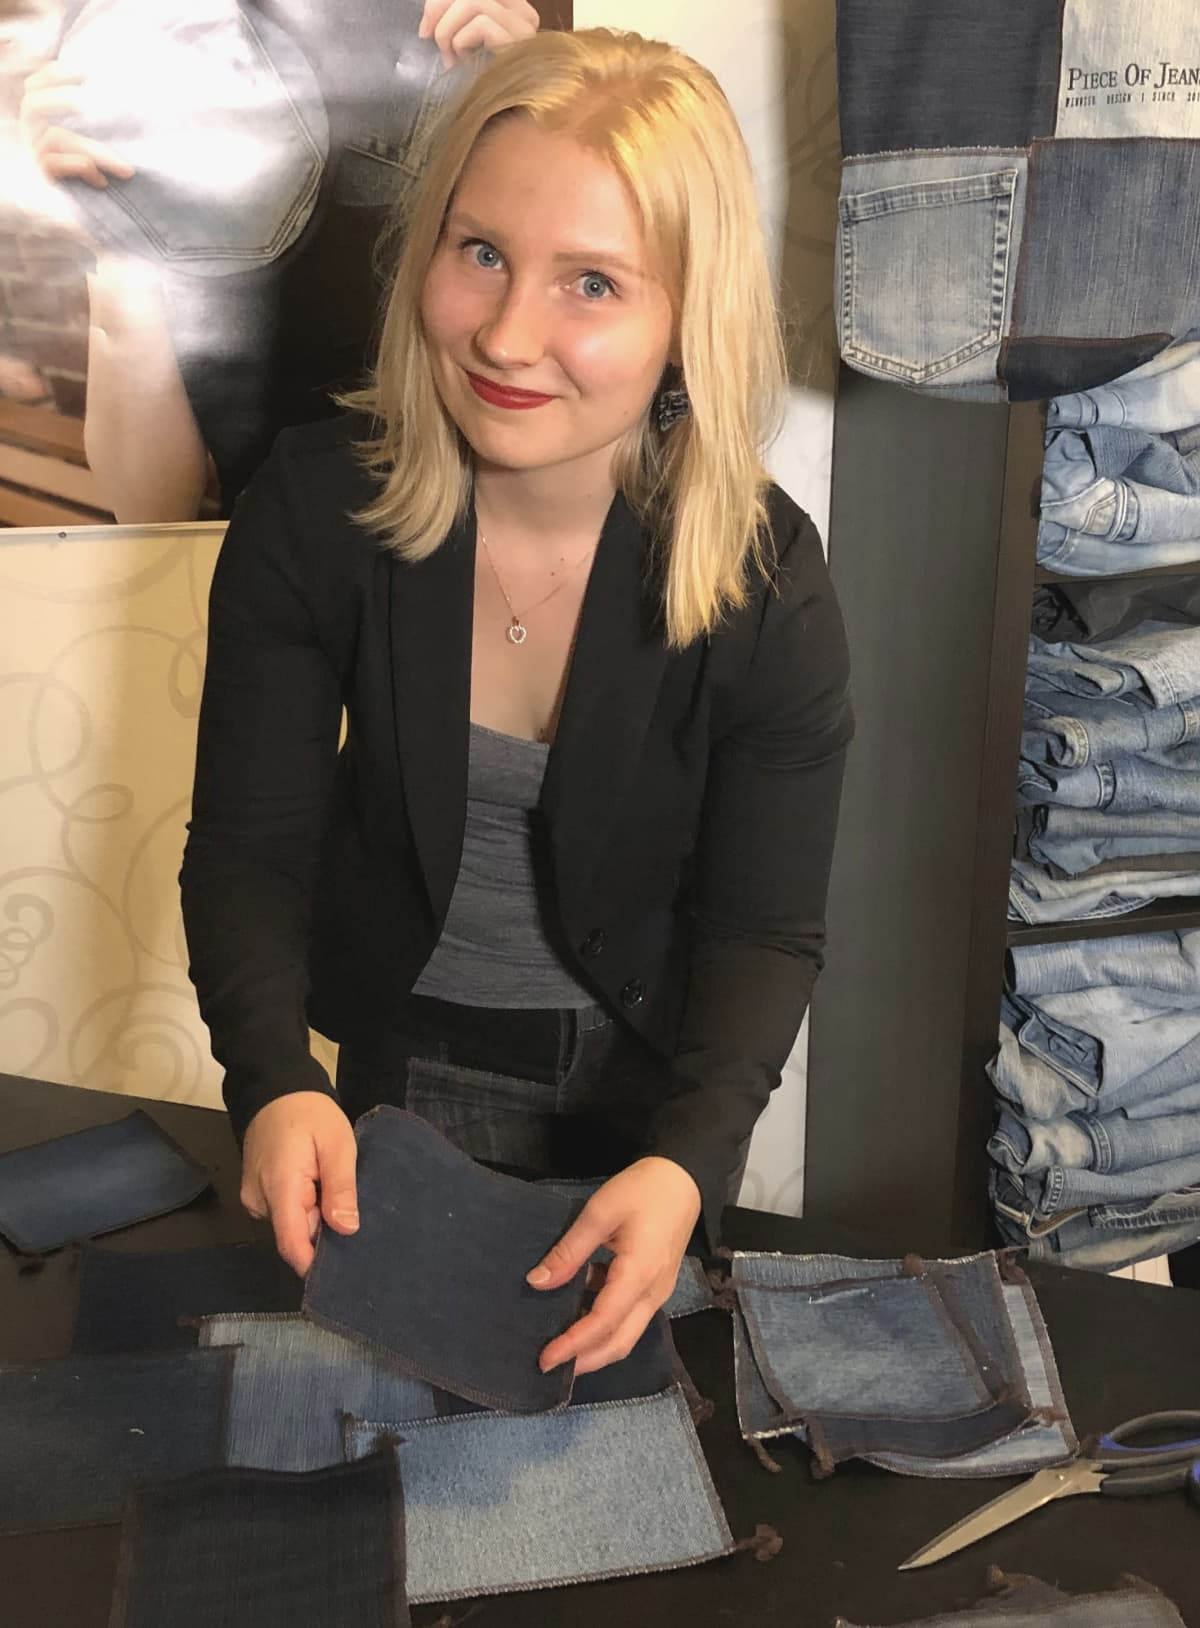 Vaaleahiuksinen nainen hymyilee kuvaajalle työhuoneessa.